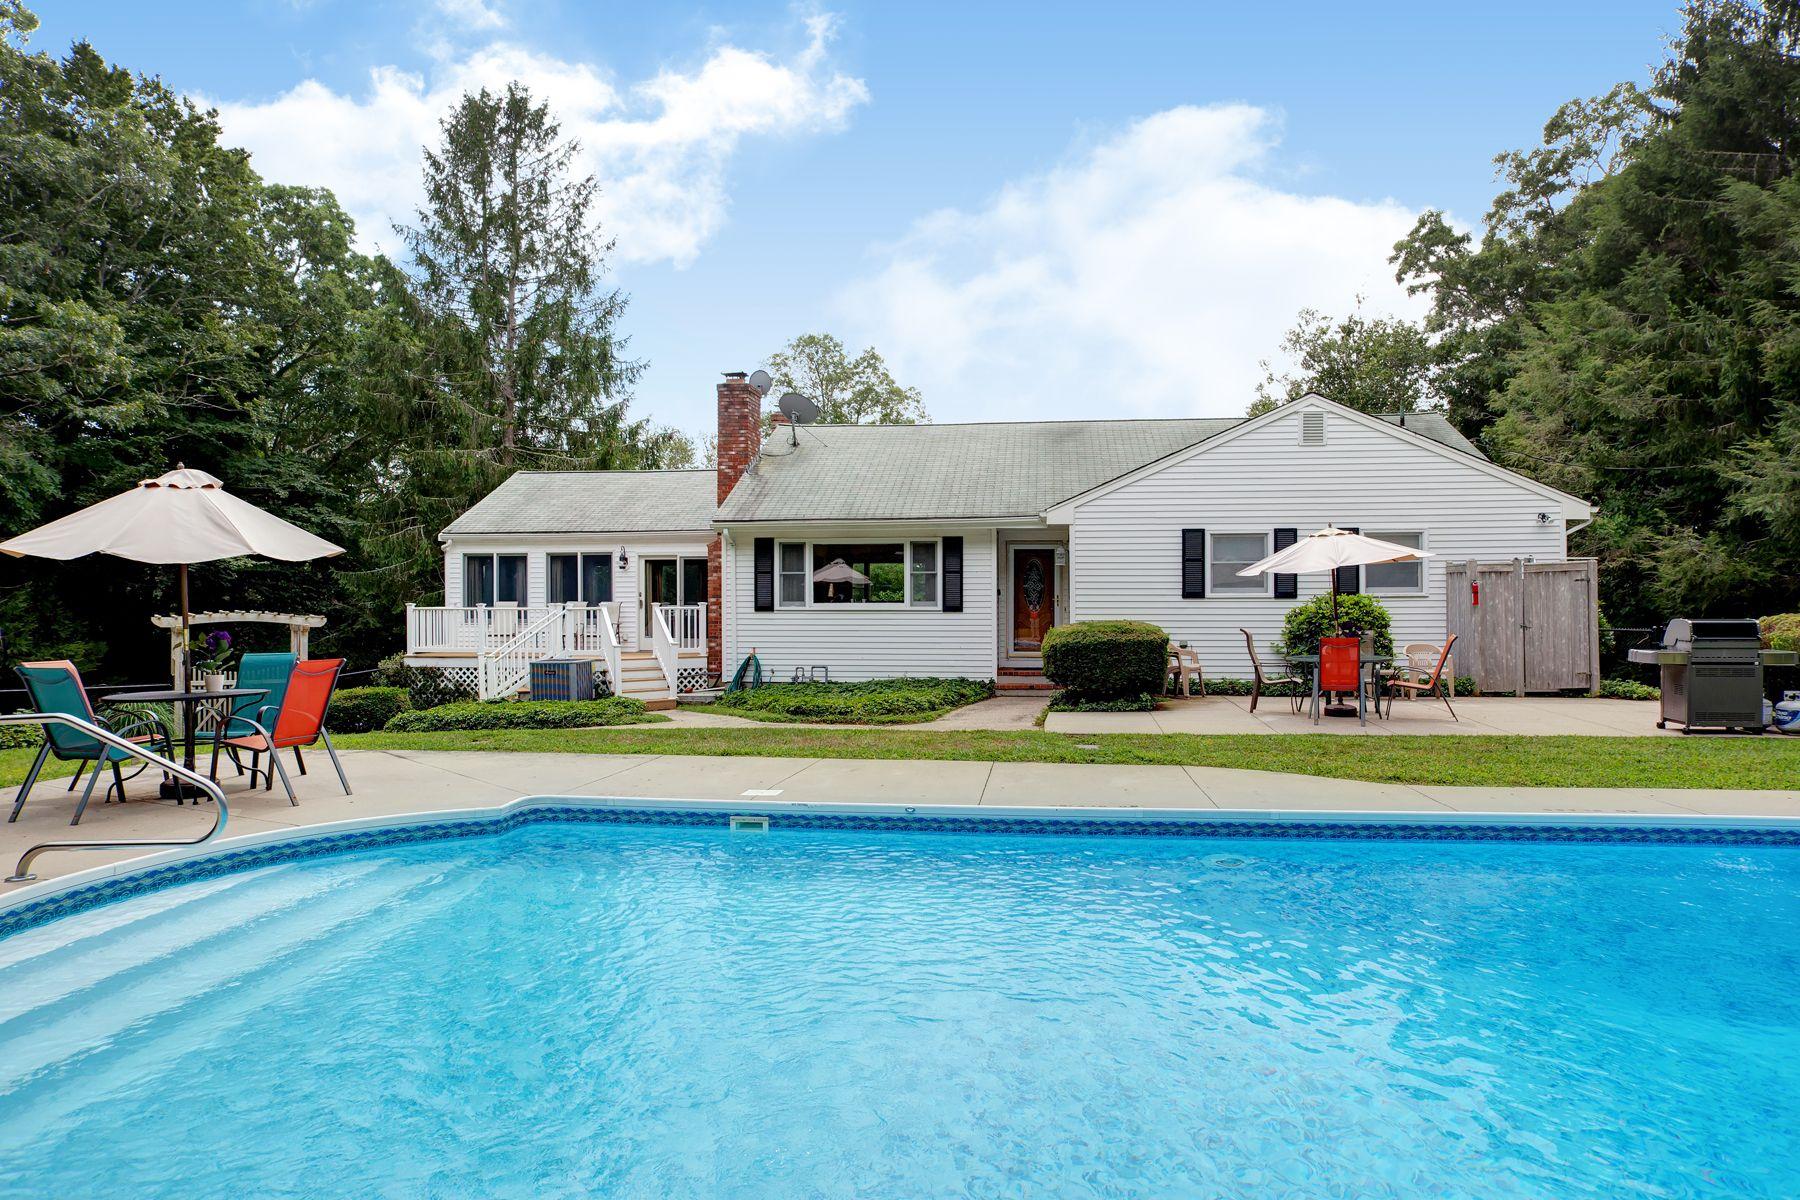 Single Family Homes pour l Vente à 2 Kiahs Way East Sandwich, Massachusetts 02563 États-Unis